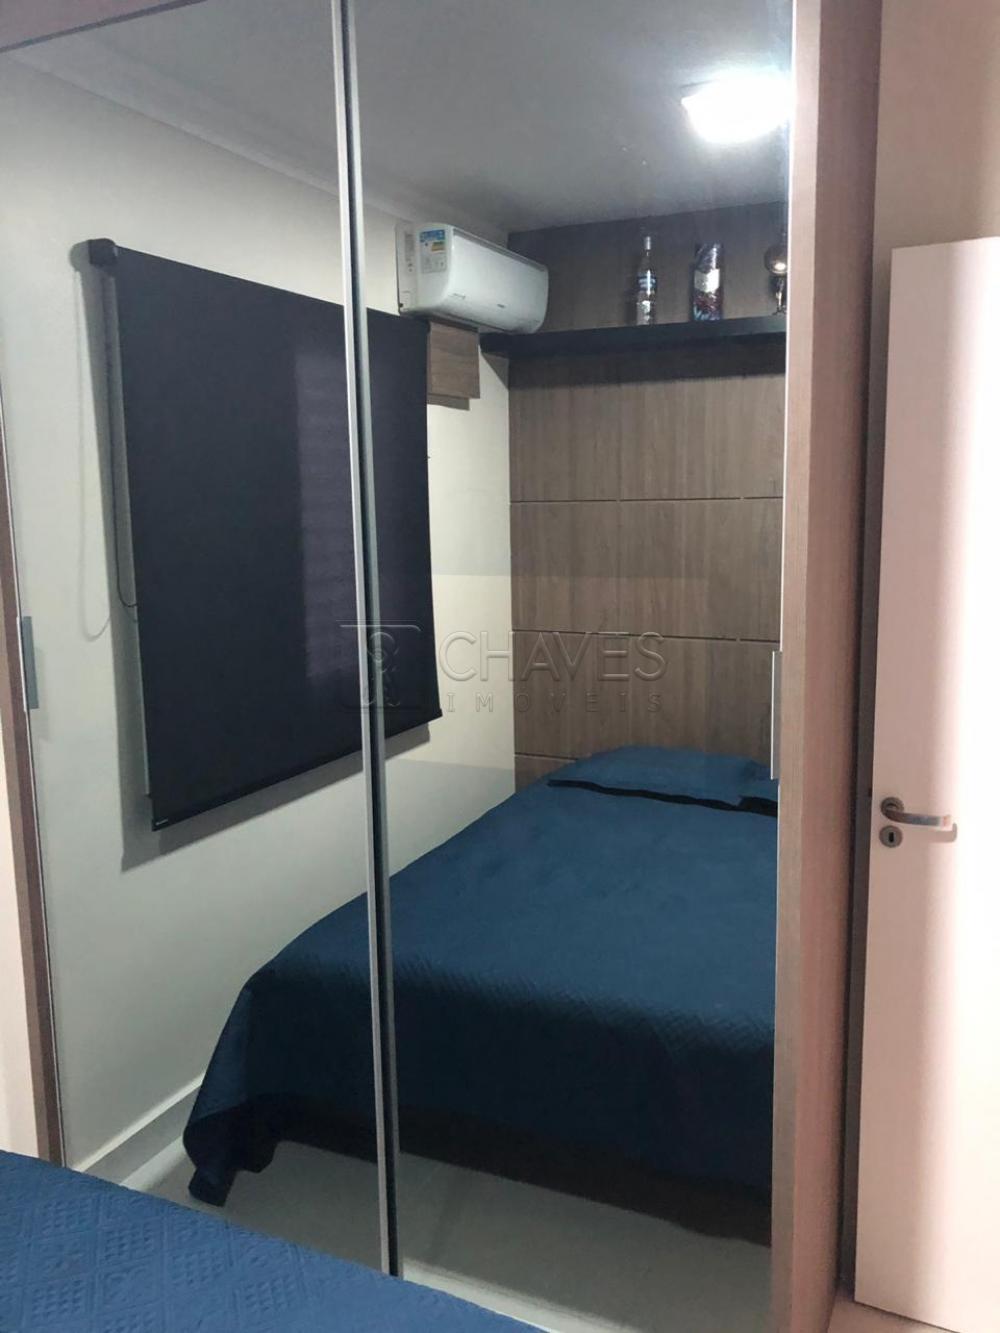 Comprar Apartamento / Padrão em Ribeirão Preto apenas R$ 400.000,00 - Foto 10